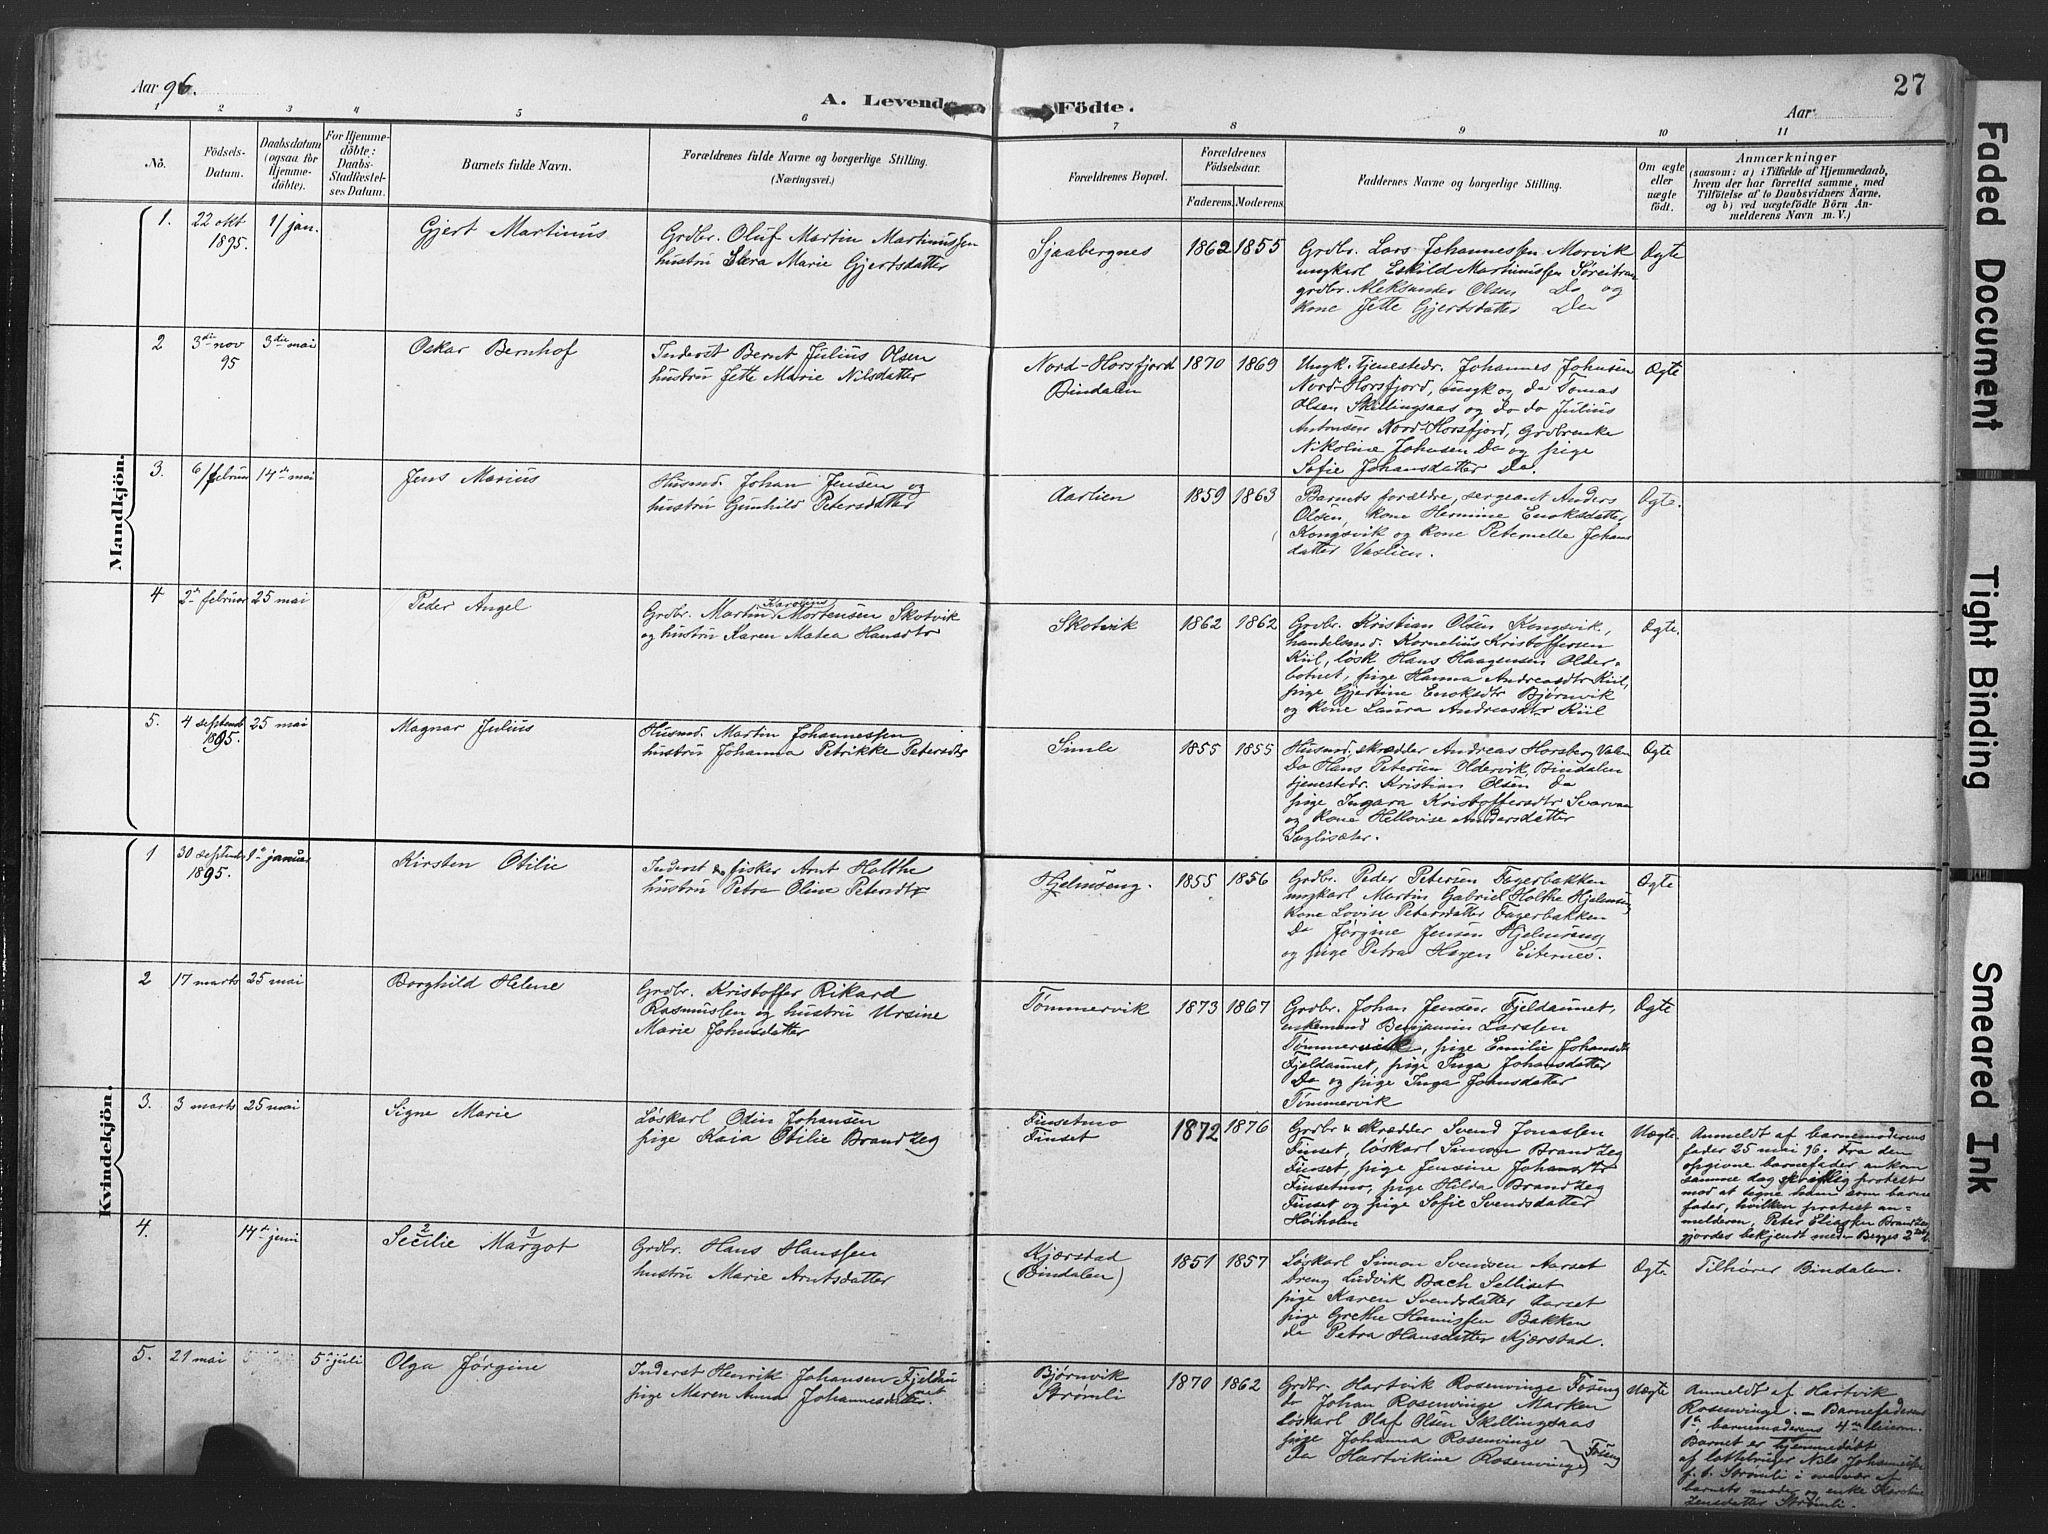 SAT, Ministerialprotokoller, klokkerbøker og fødselsregistre - Nord-Trøndelag, 789/L0706: Klokkerbok nr. 789C01, 1888-1931, s. 27